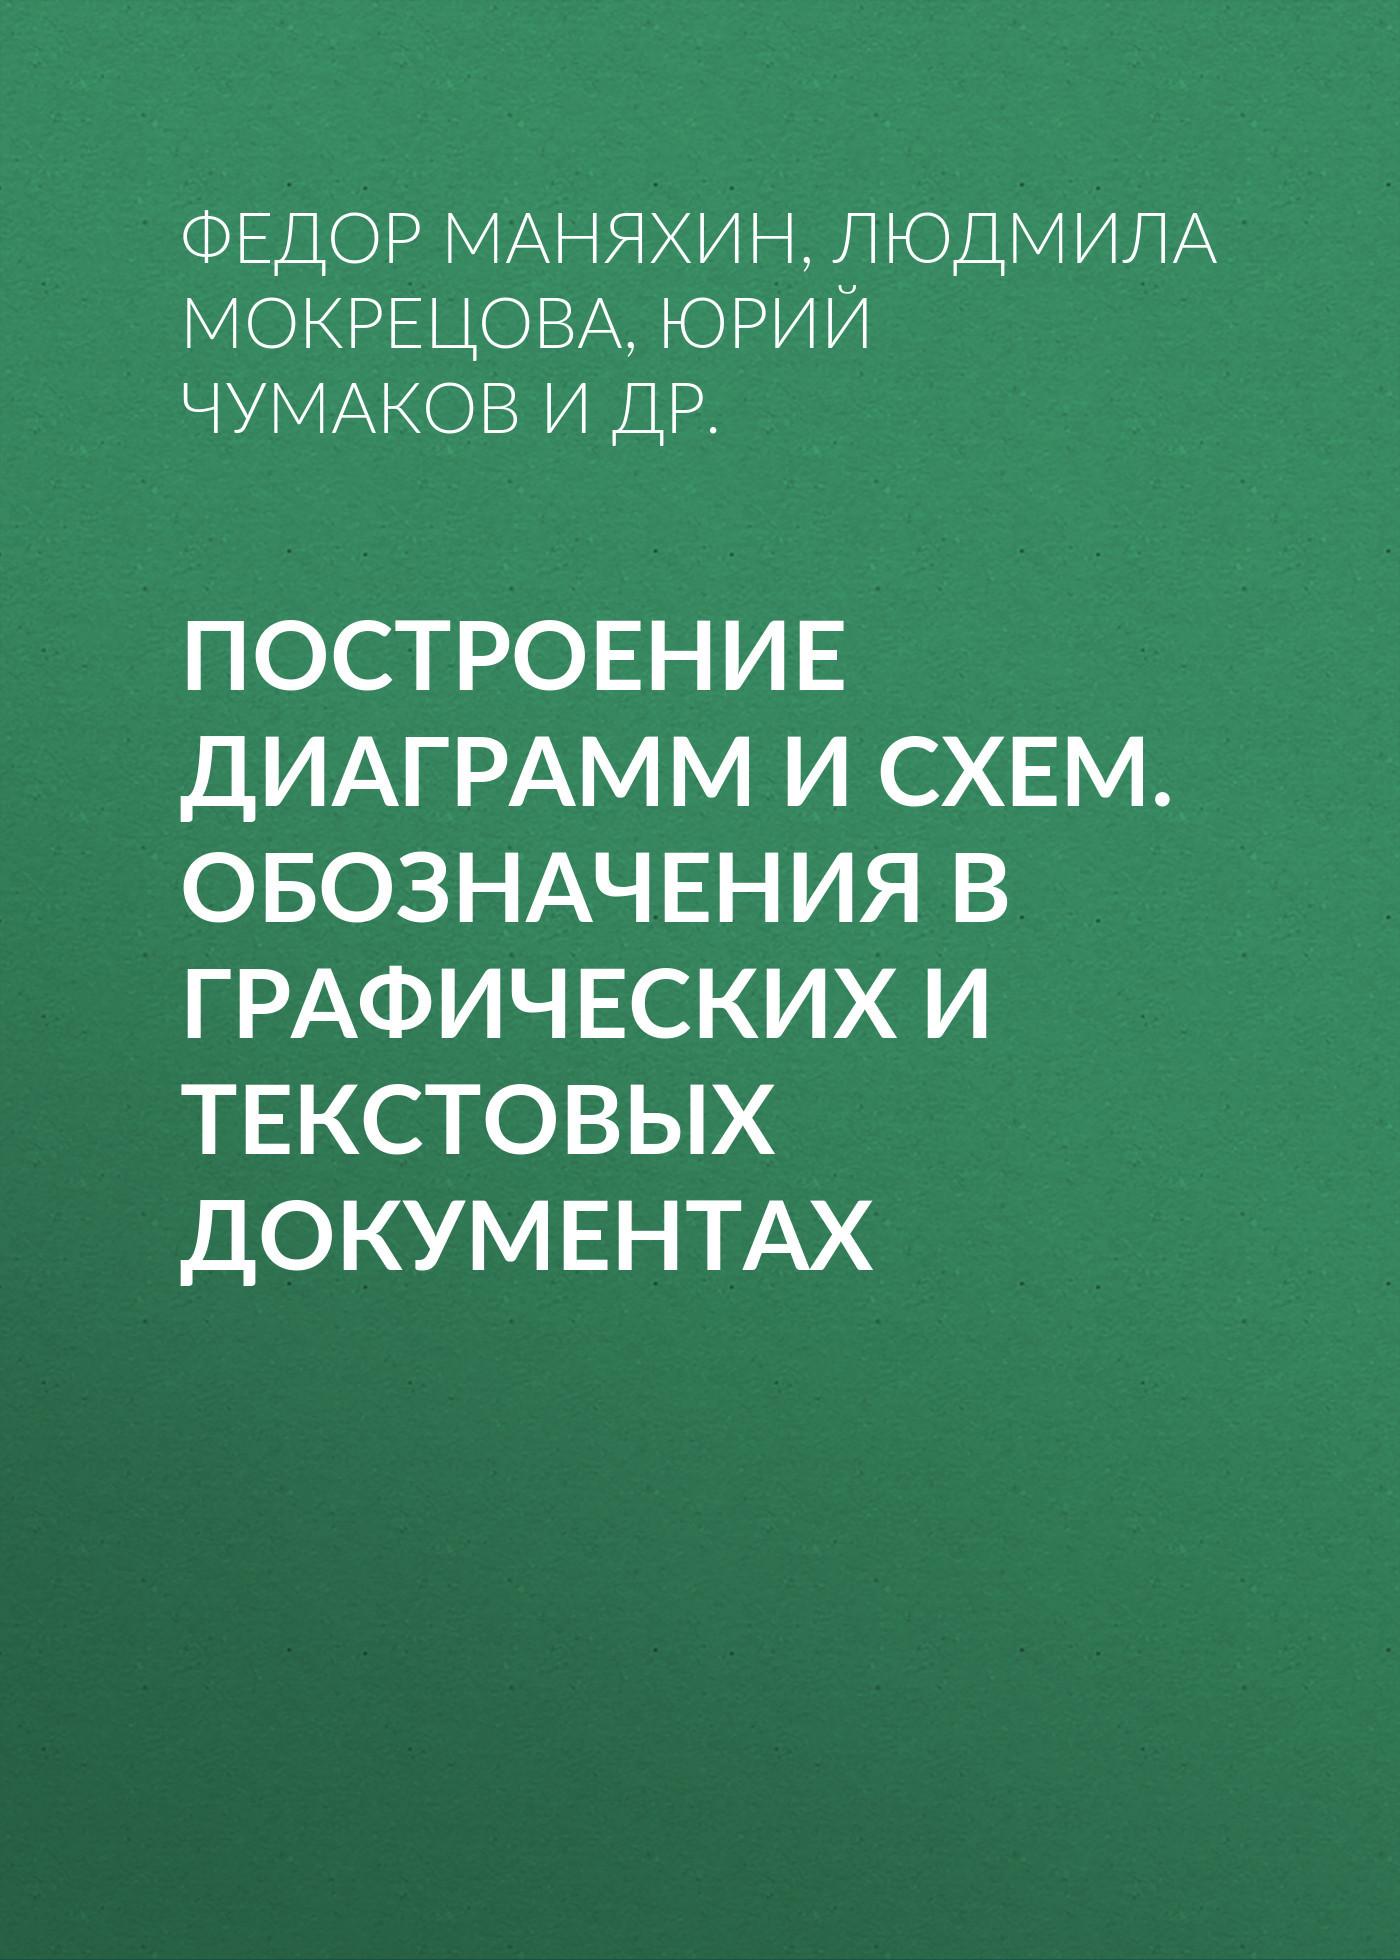 Федор Маняхин. Построение диаграмм и схем. Обозначения в графических и текстовых документах